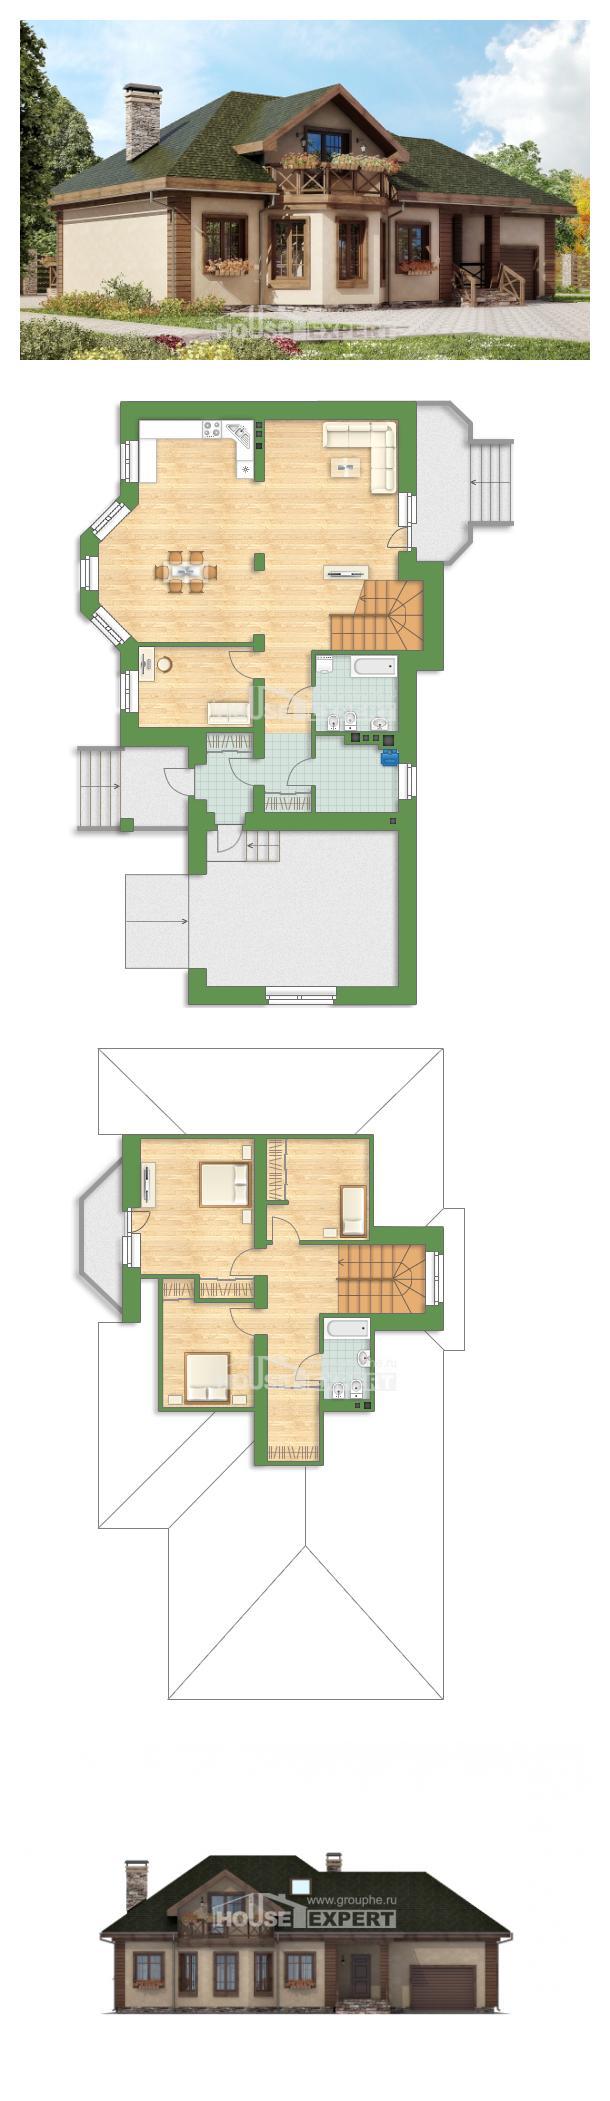 Plan 180-010-R | House Expert